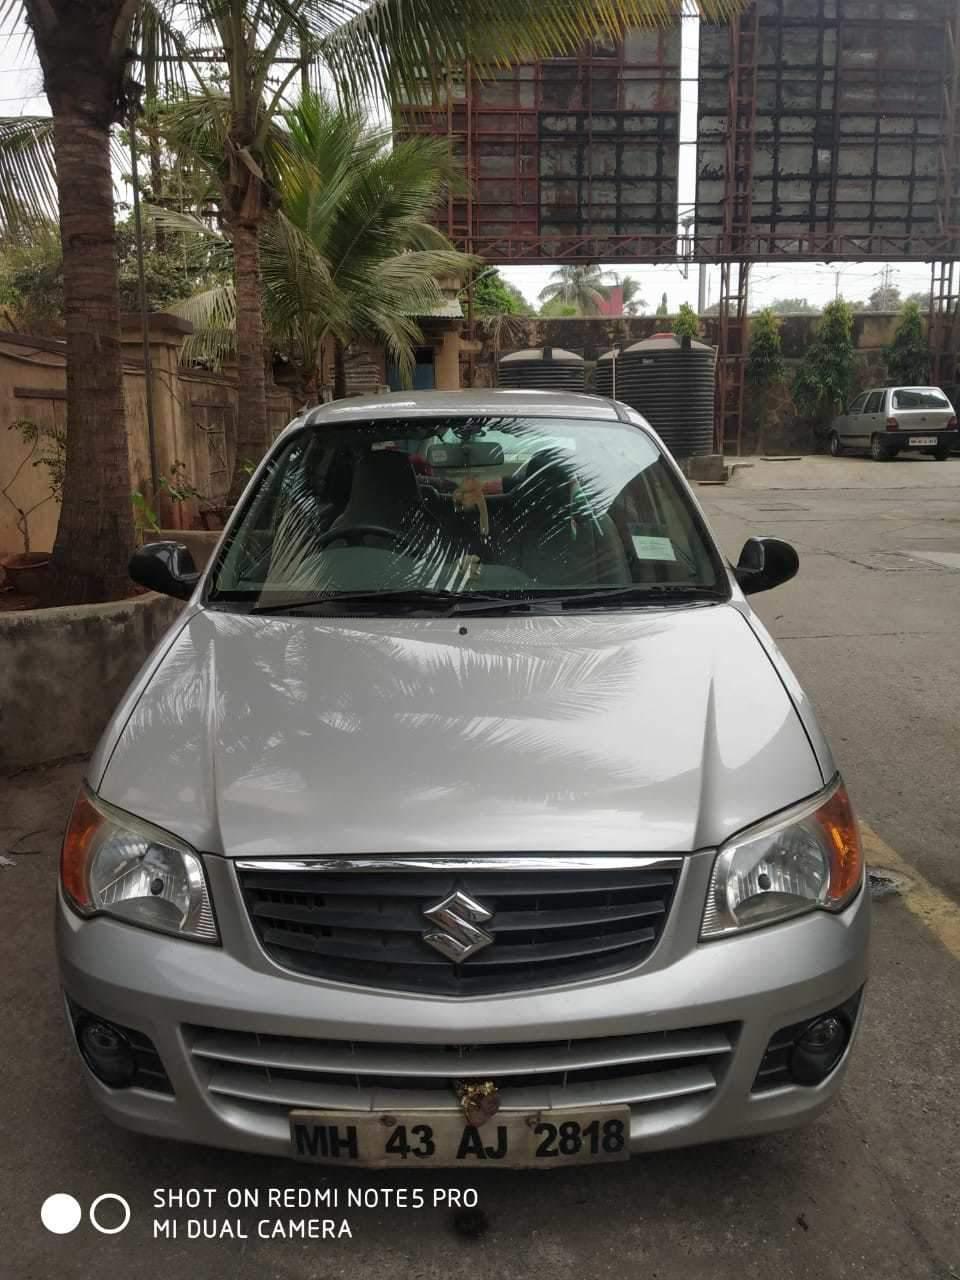 Maruti Suzuki Alto K10 Rear Right Rim